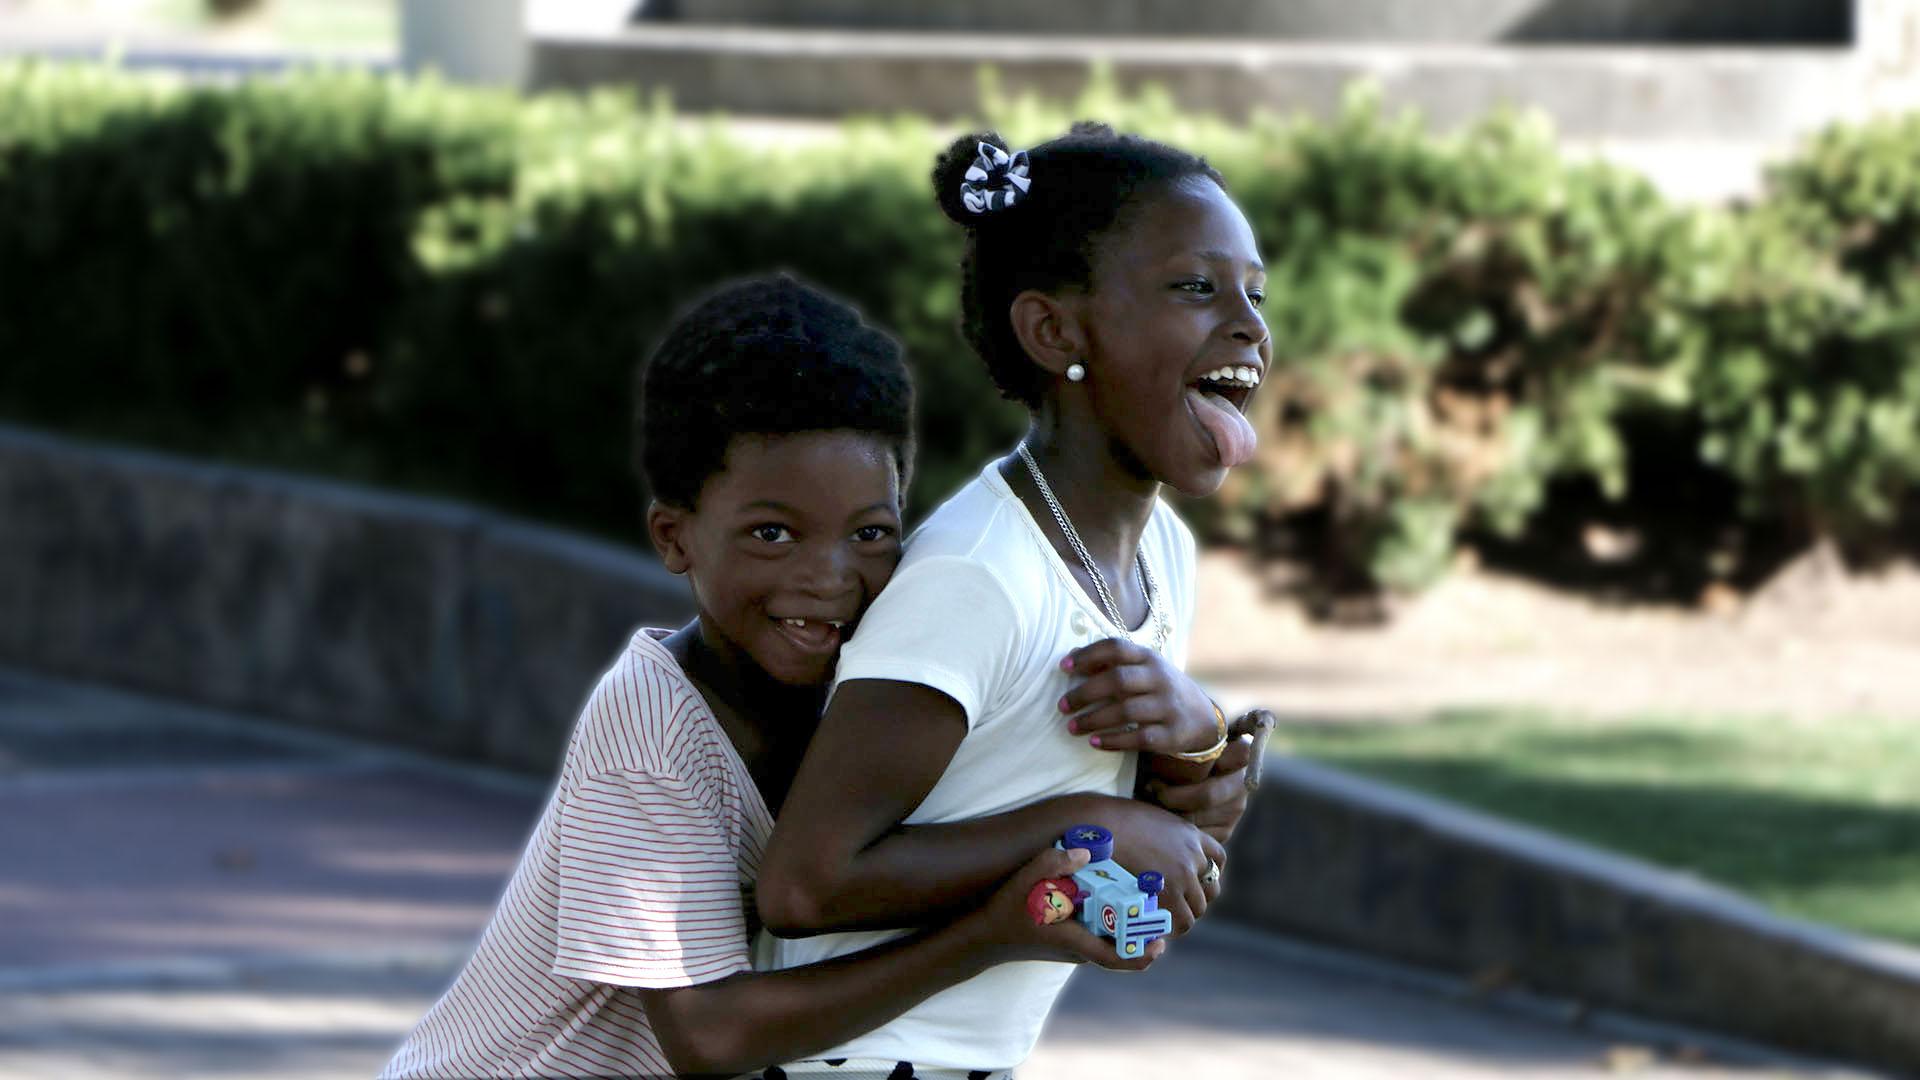 Estherline y Davidson en la plaza, a pocos minutos de conocerse (Lihue Althabe)